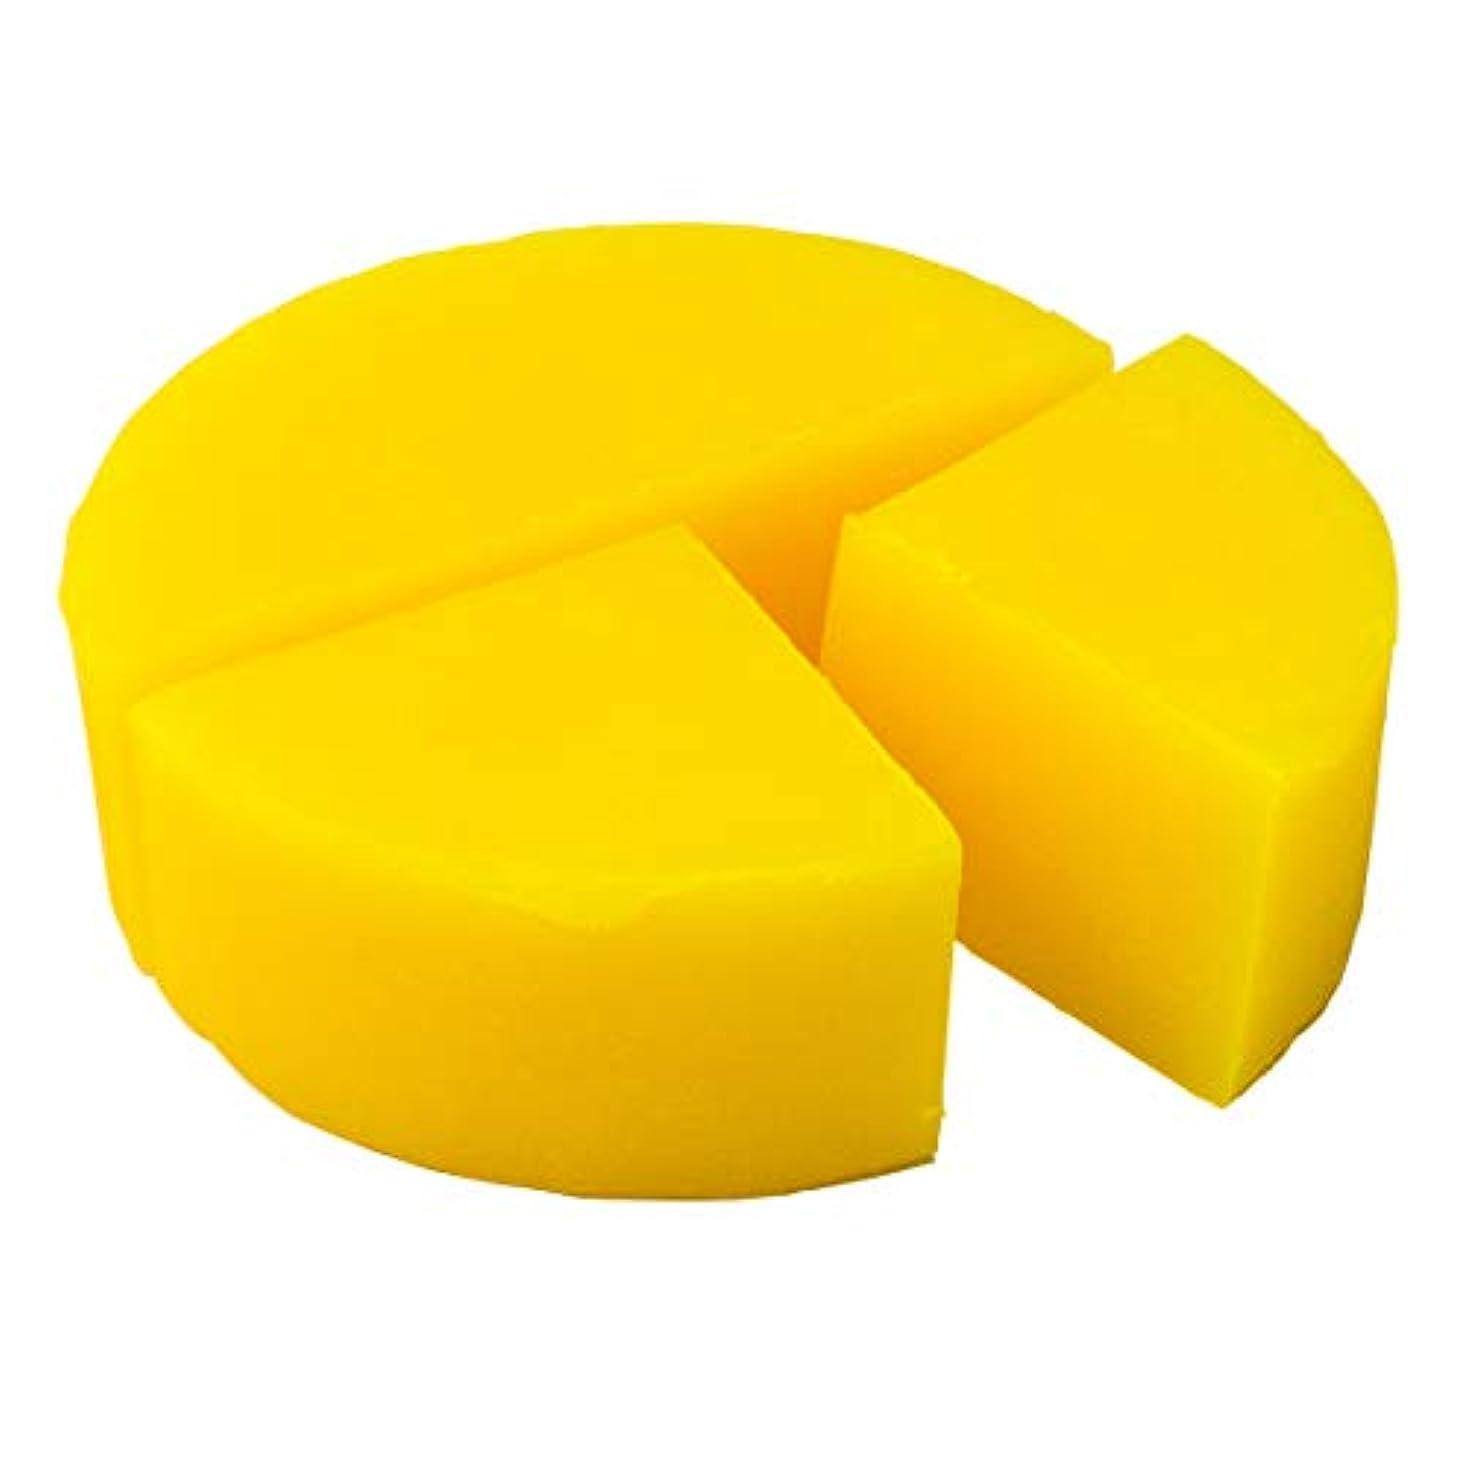 特派員アンビエント控えめなグリセリン クリアソープ 色チップ 黄 100g (MPソープ)